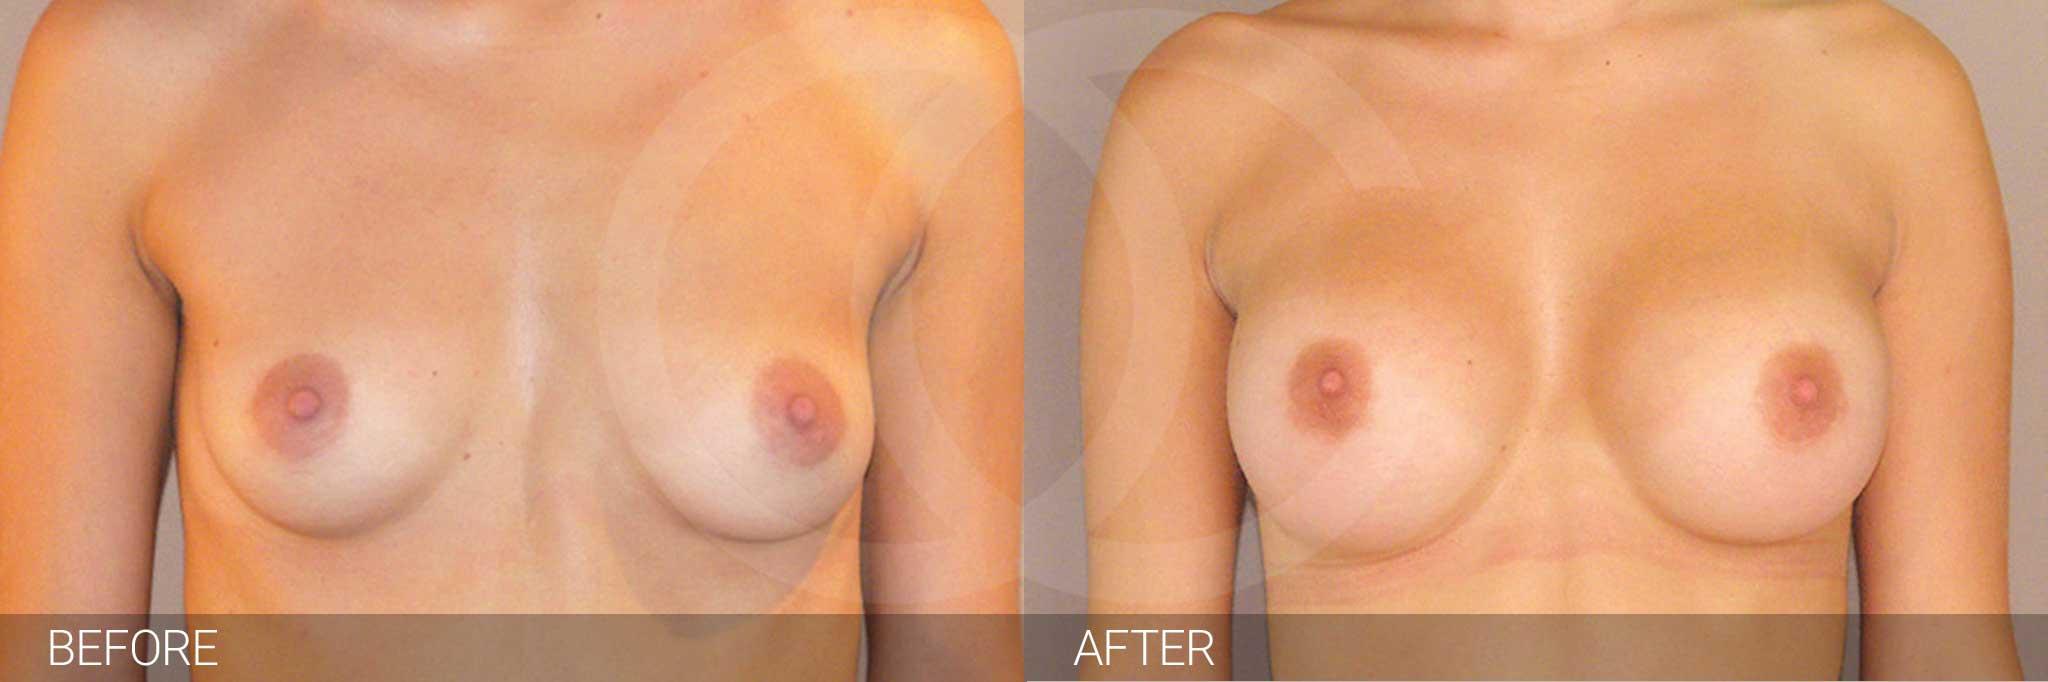 Augmentation mammaire Prothèses mammaires en silicone 300cc profil haut ante/post-op I